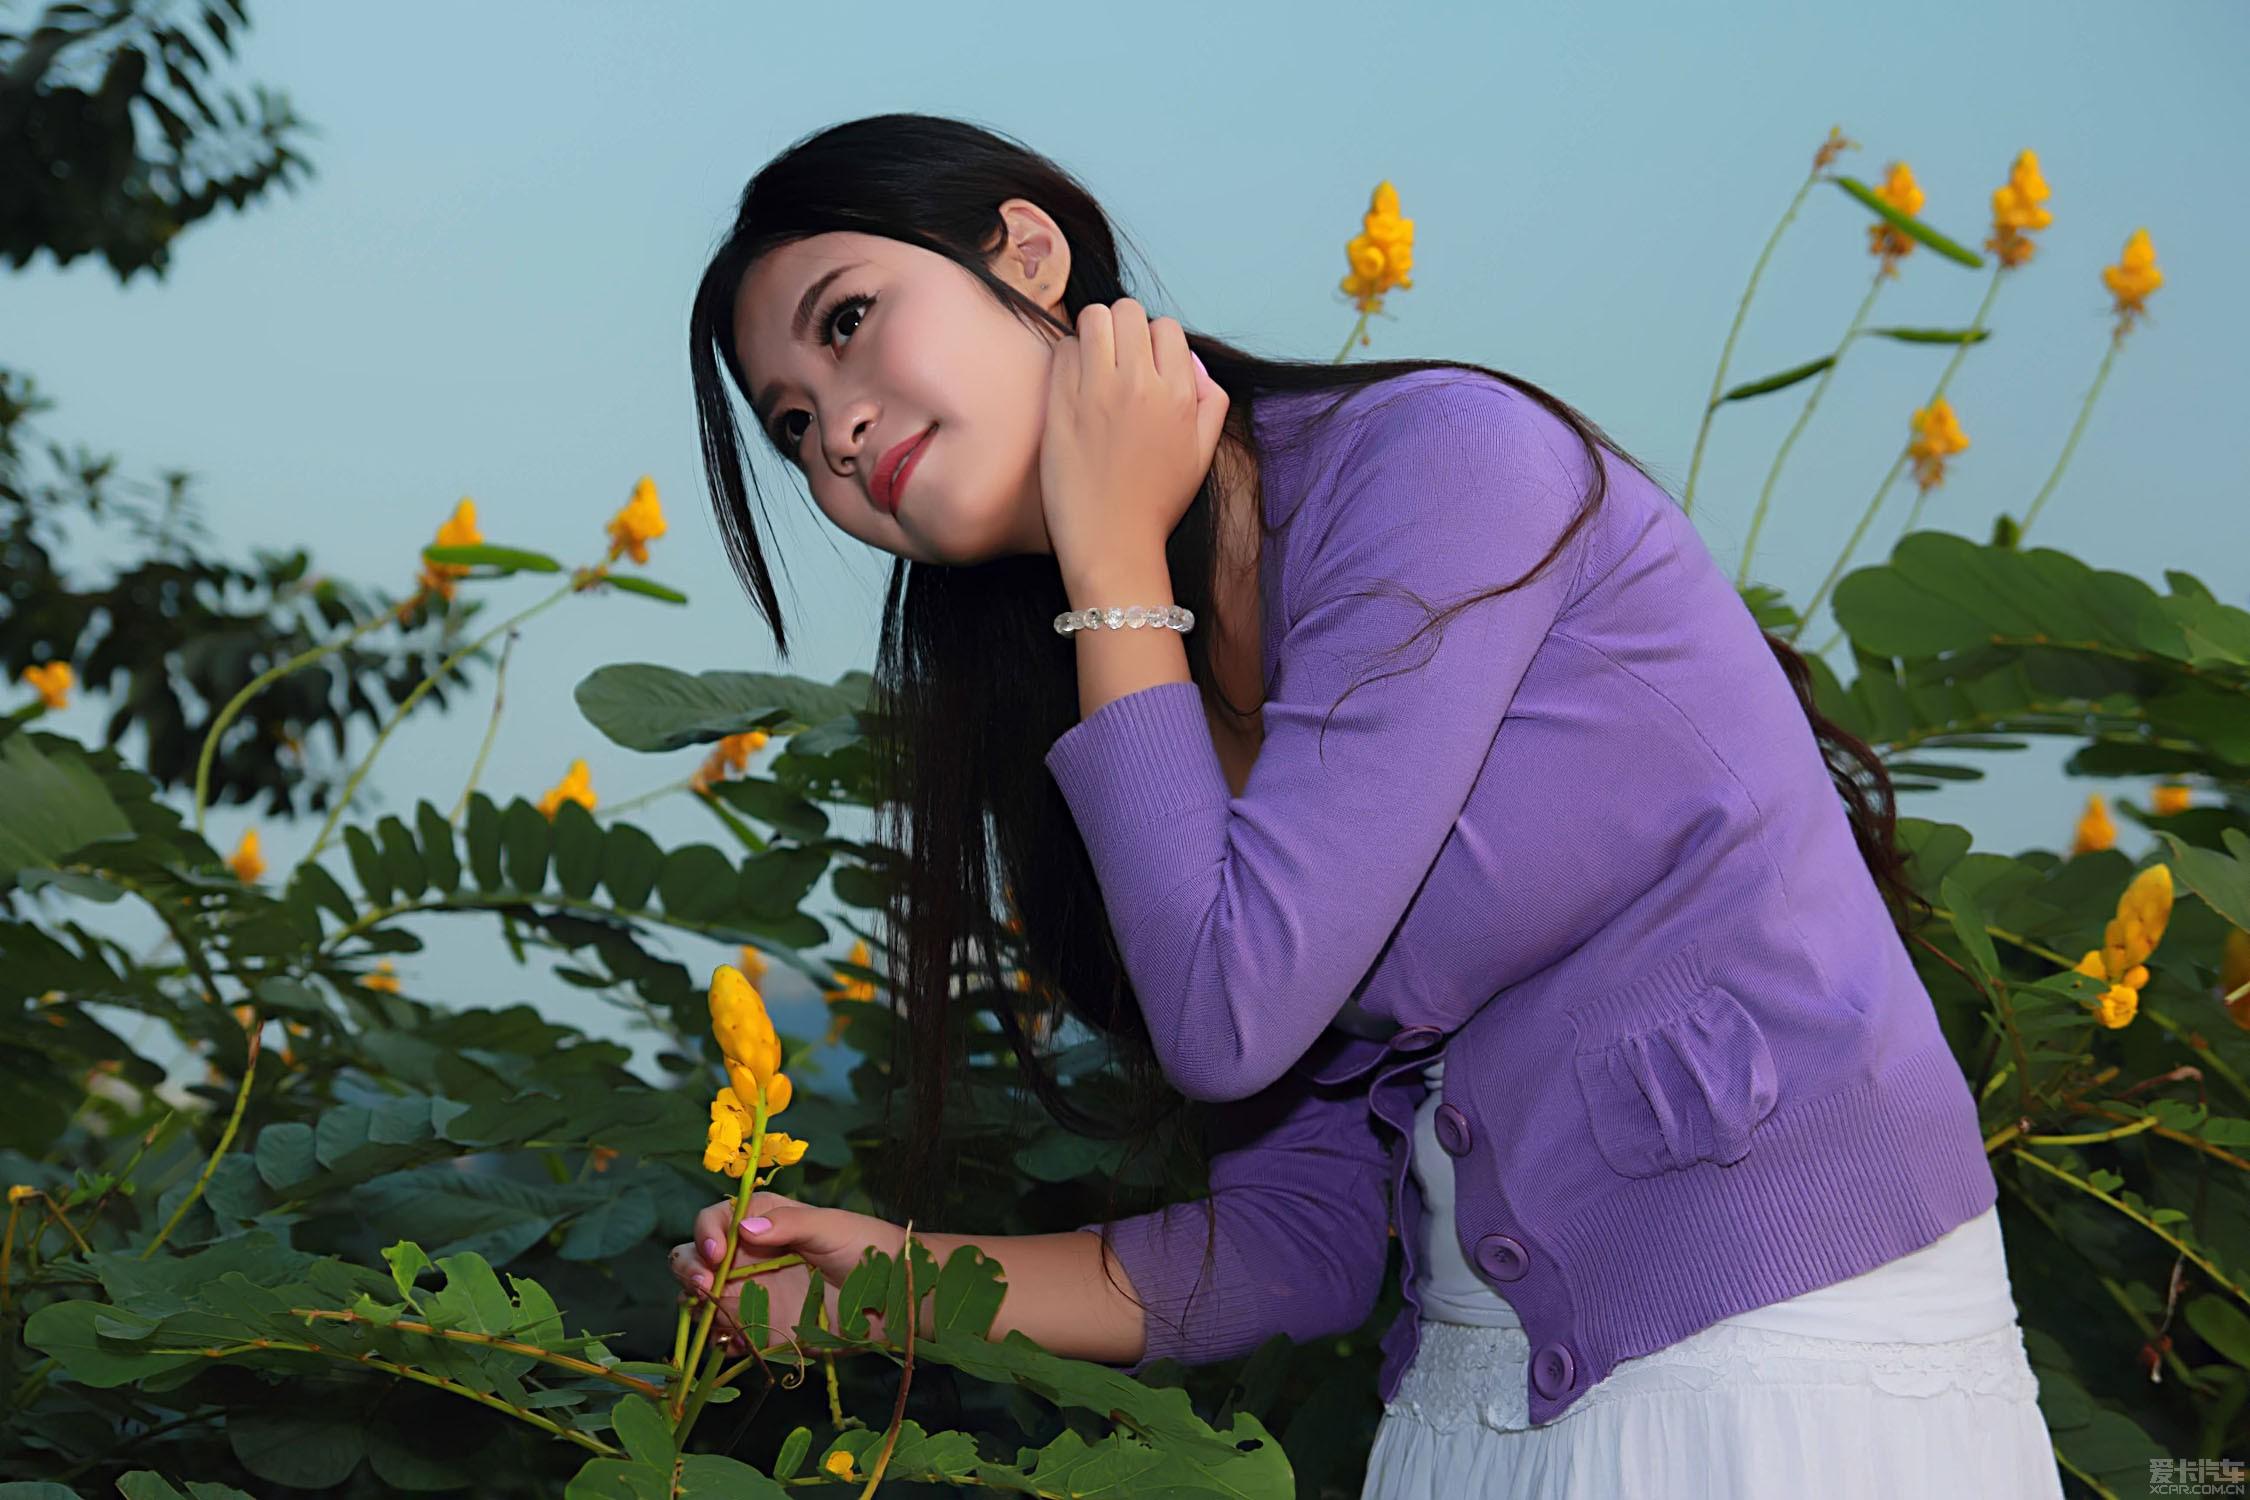 ◆【图说共享】★湖边的世界_第2页_美女美女lolv图说景色图片